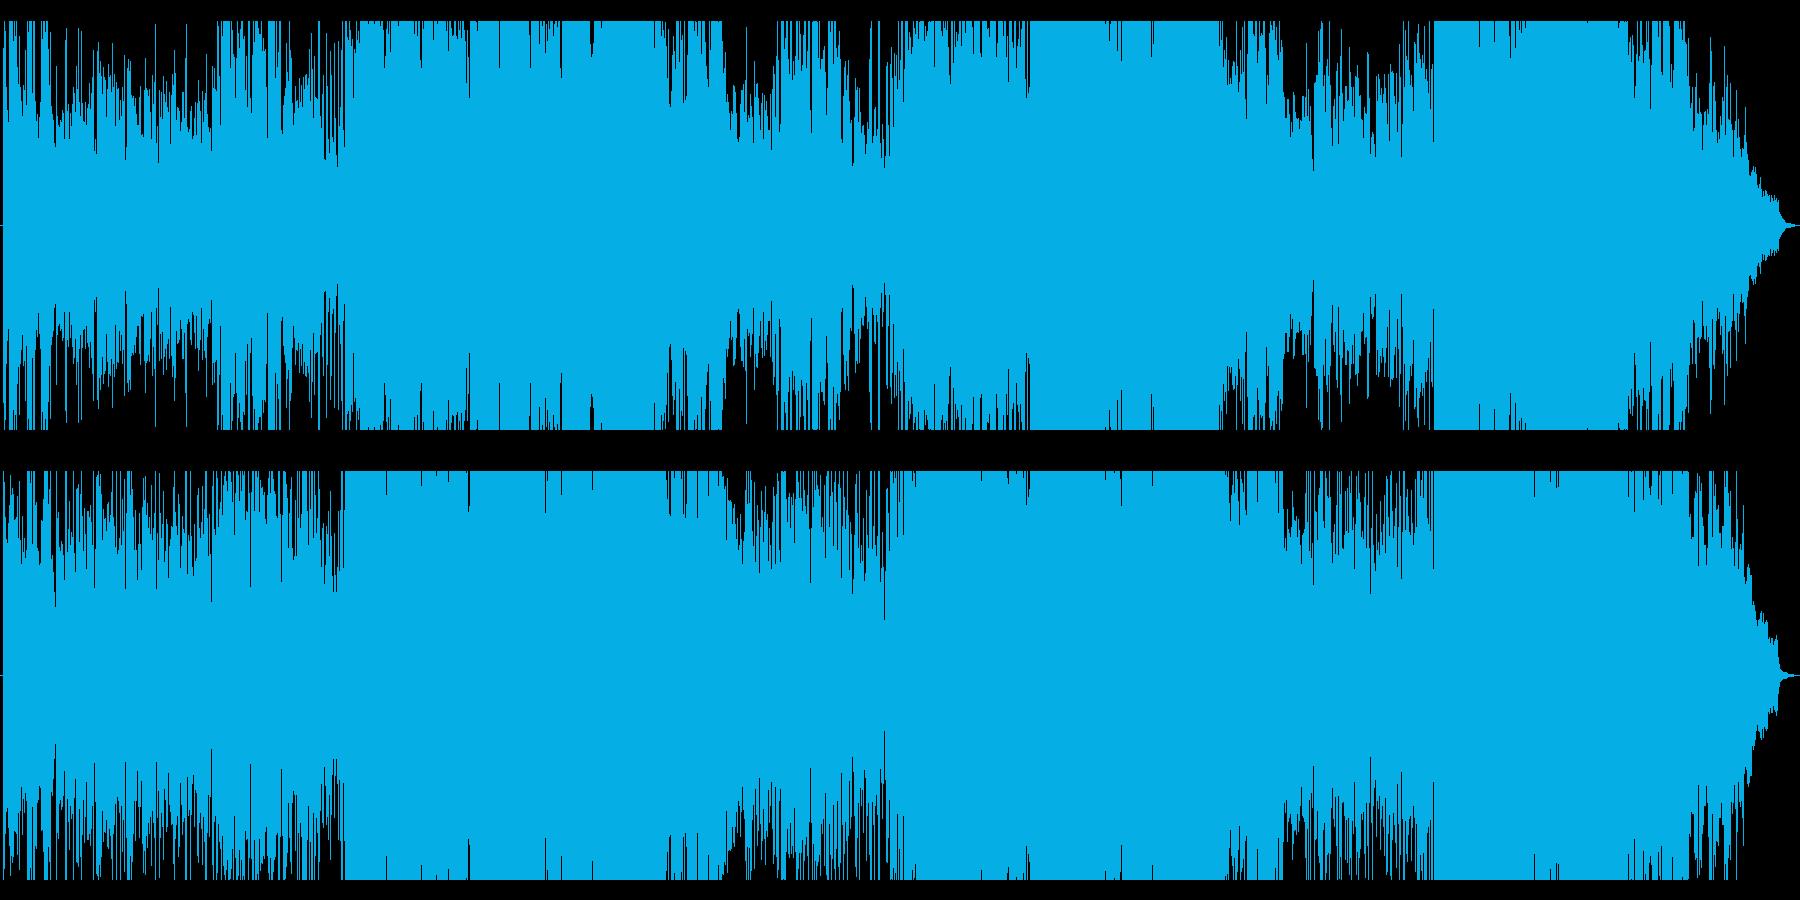 スローライフがテーマの爽やかソフトロックの再生済みの波形